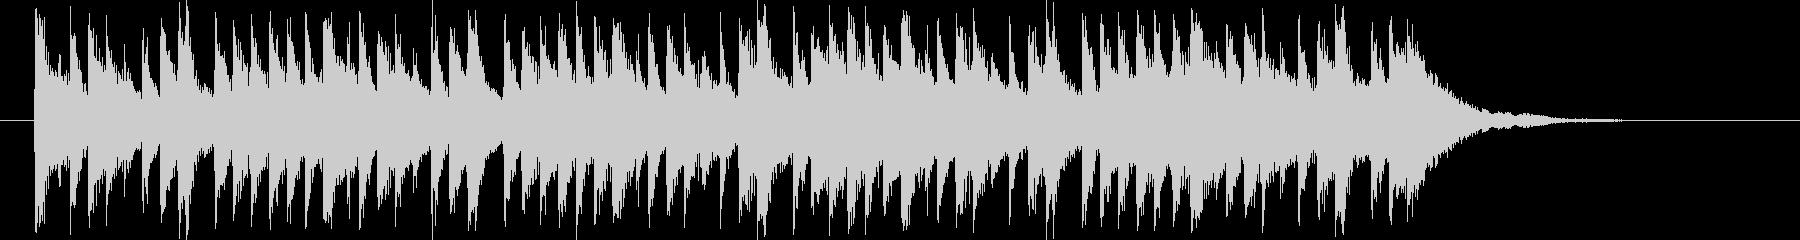 透明感のある鉄琴が印象的なBGMの未再生の波形